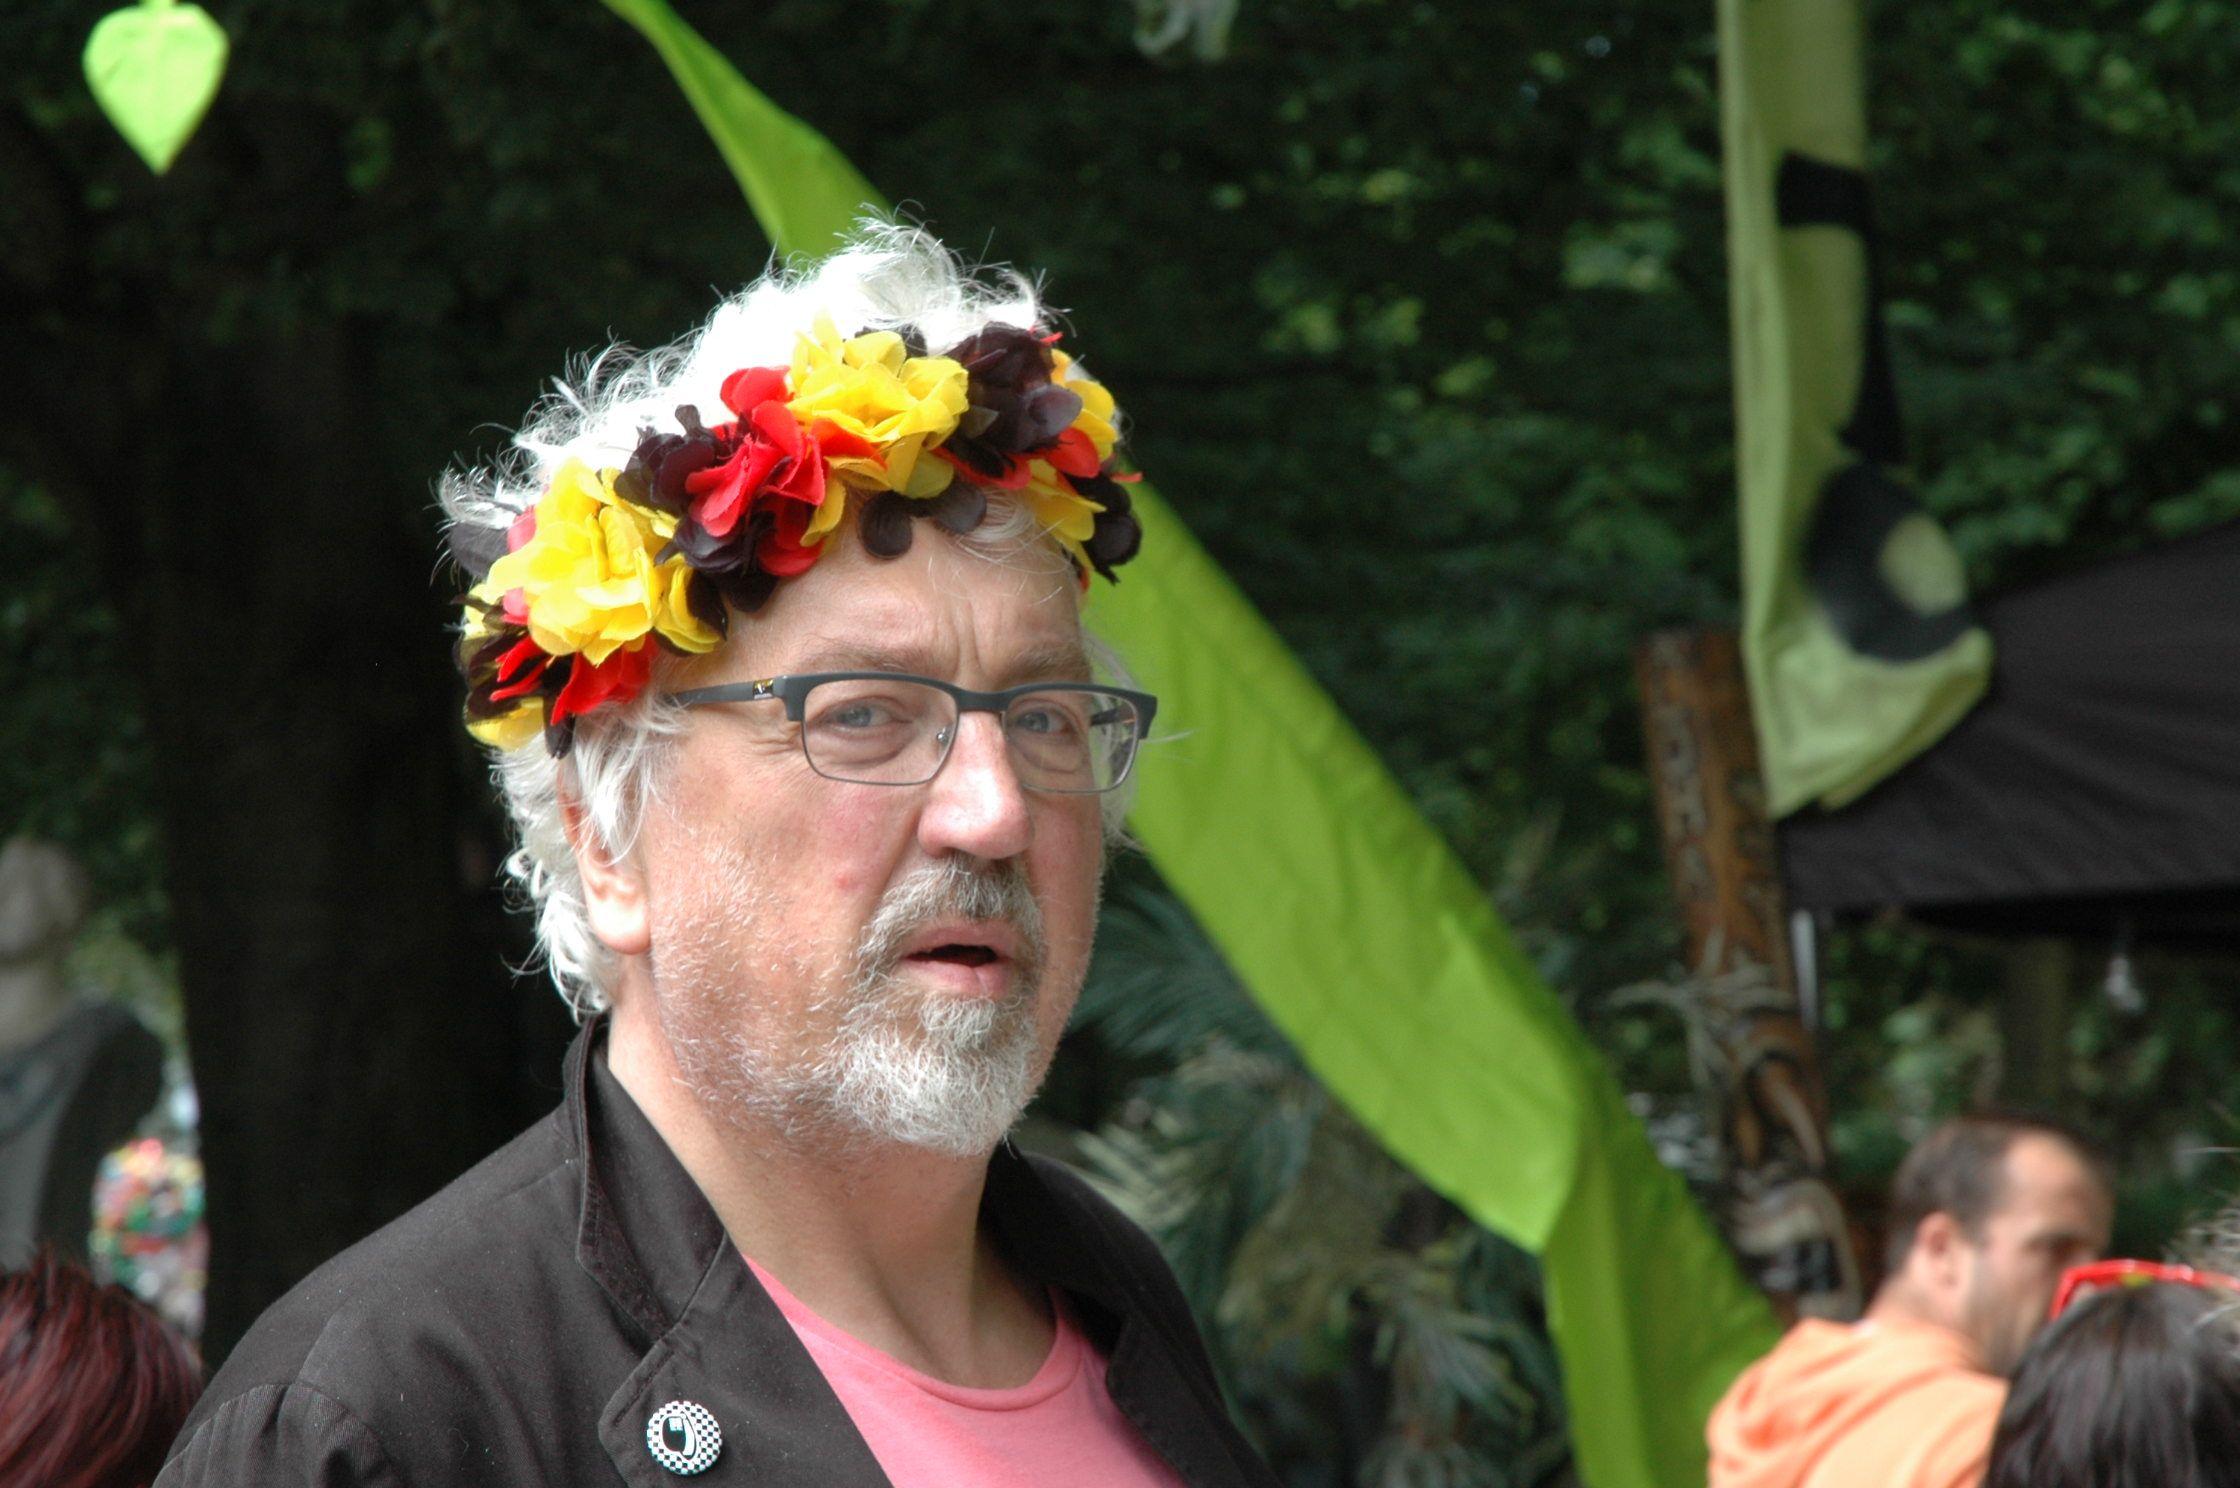 Flower Power in Belgium